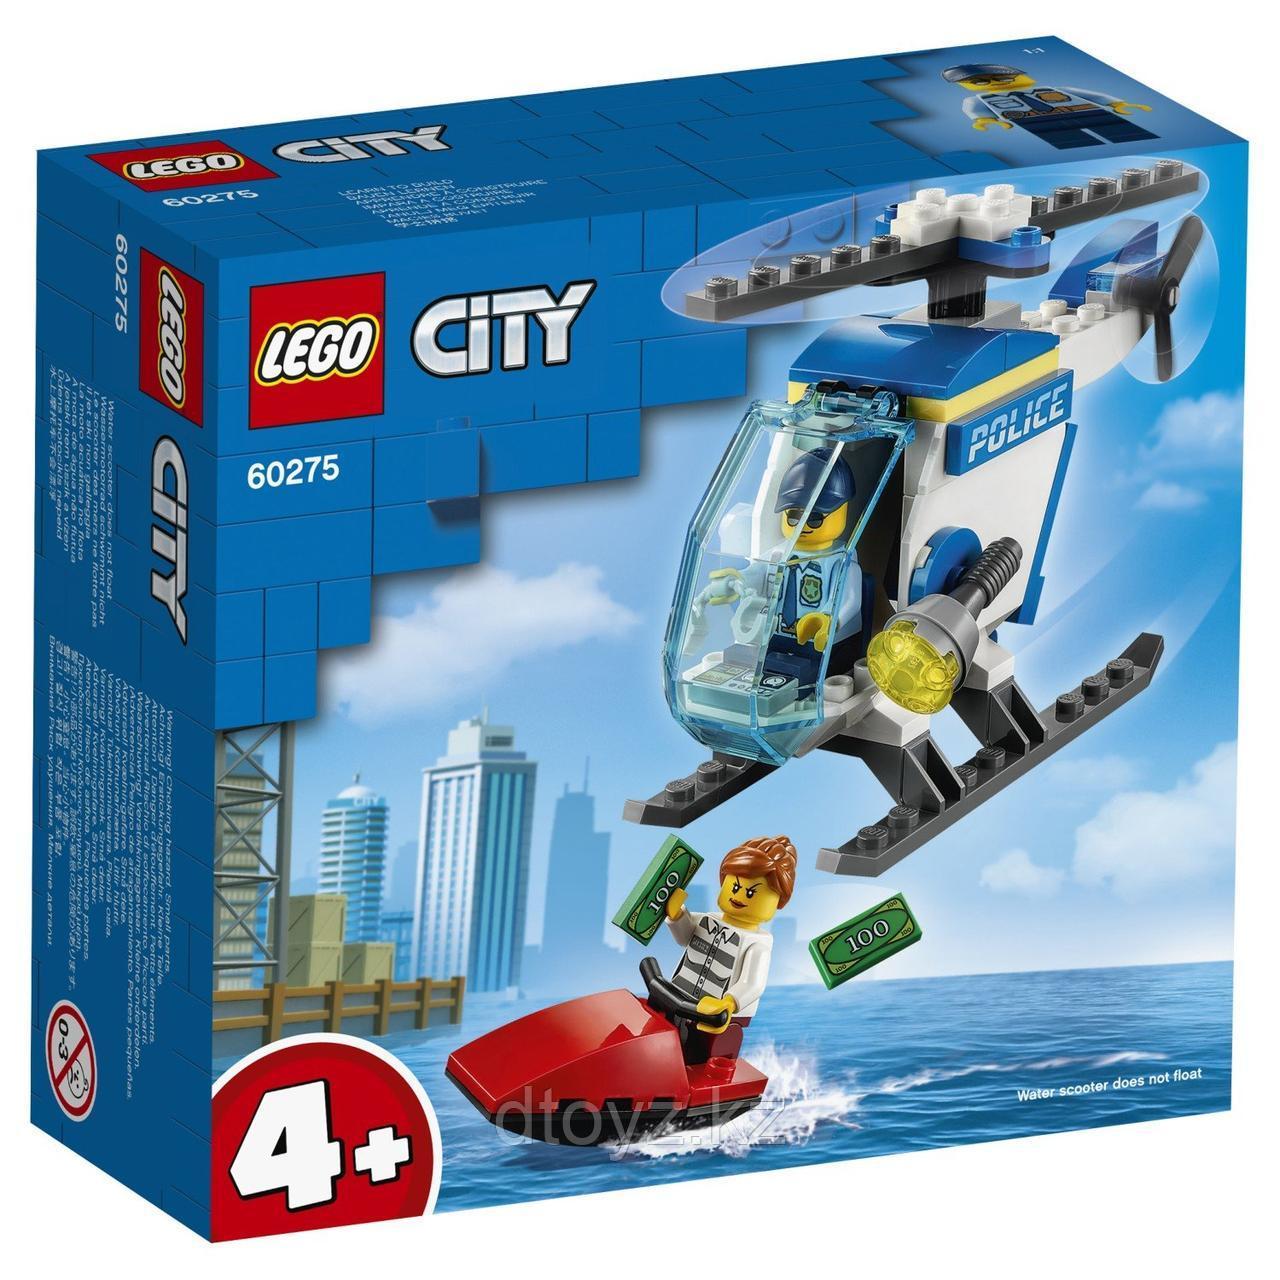 Lego City Полицейский вертолёт 60275